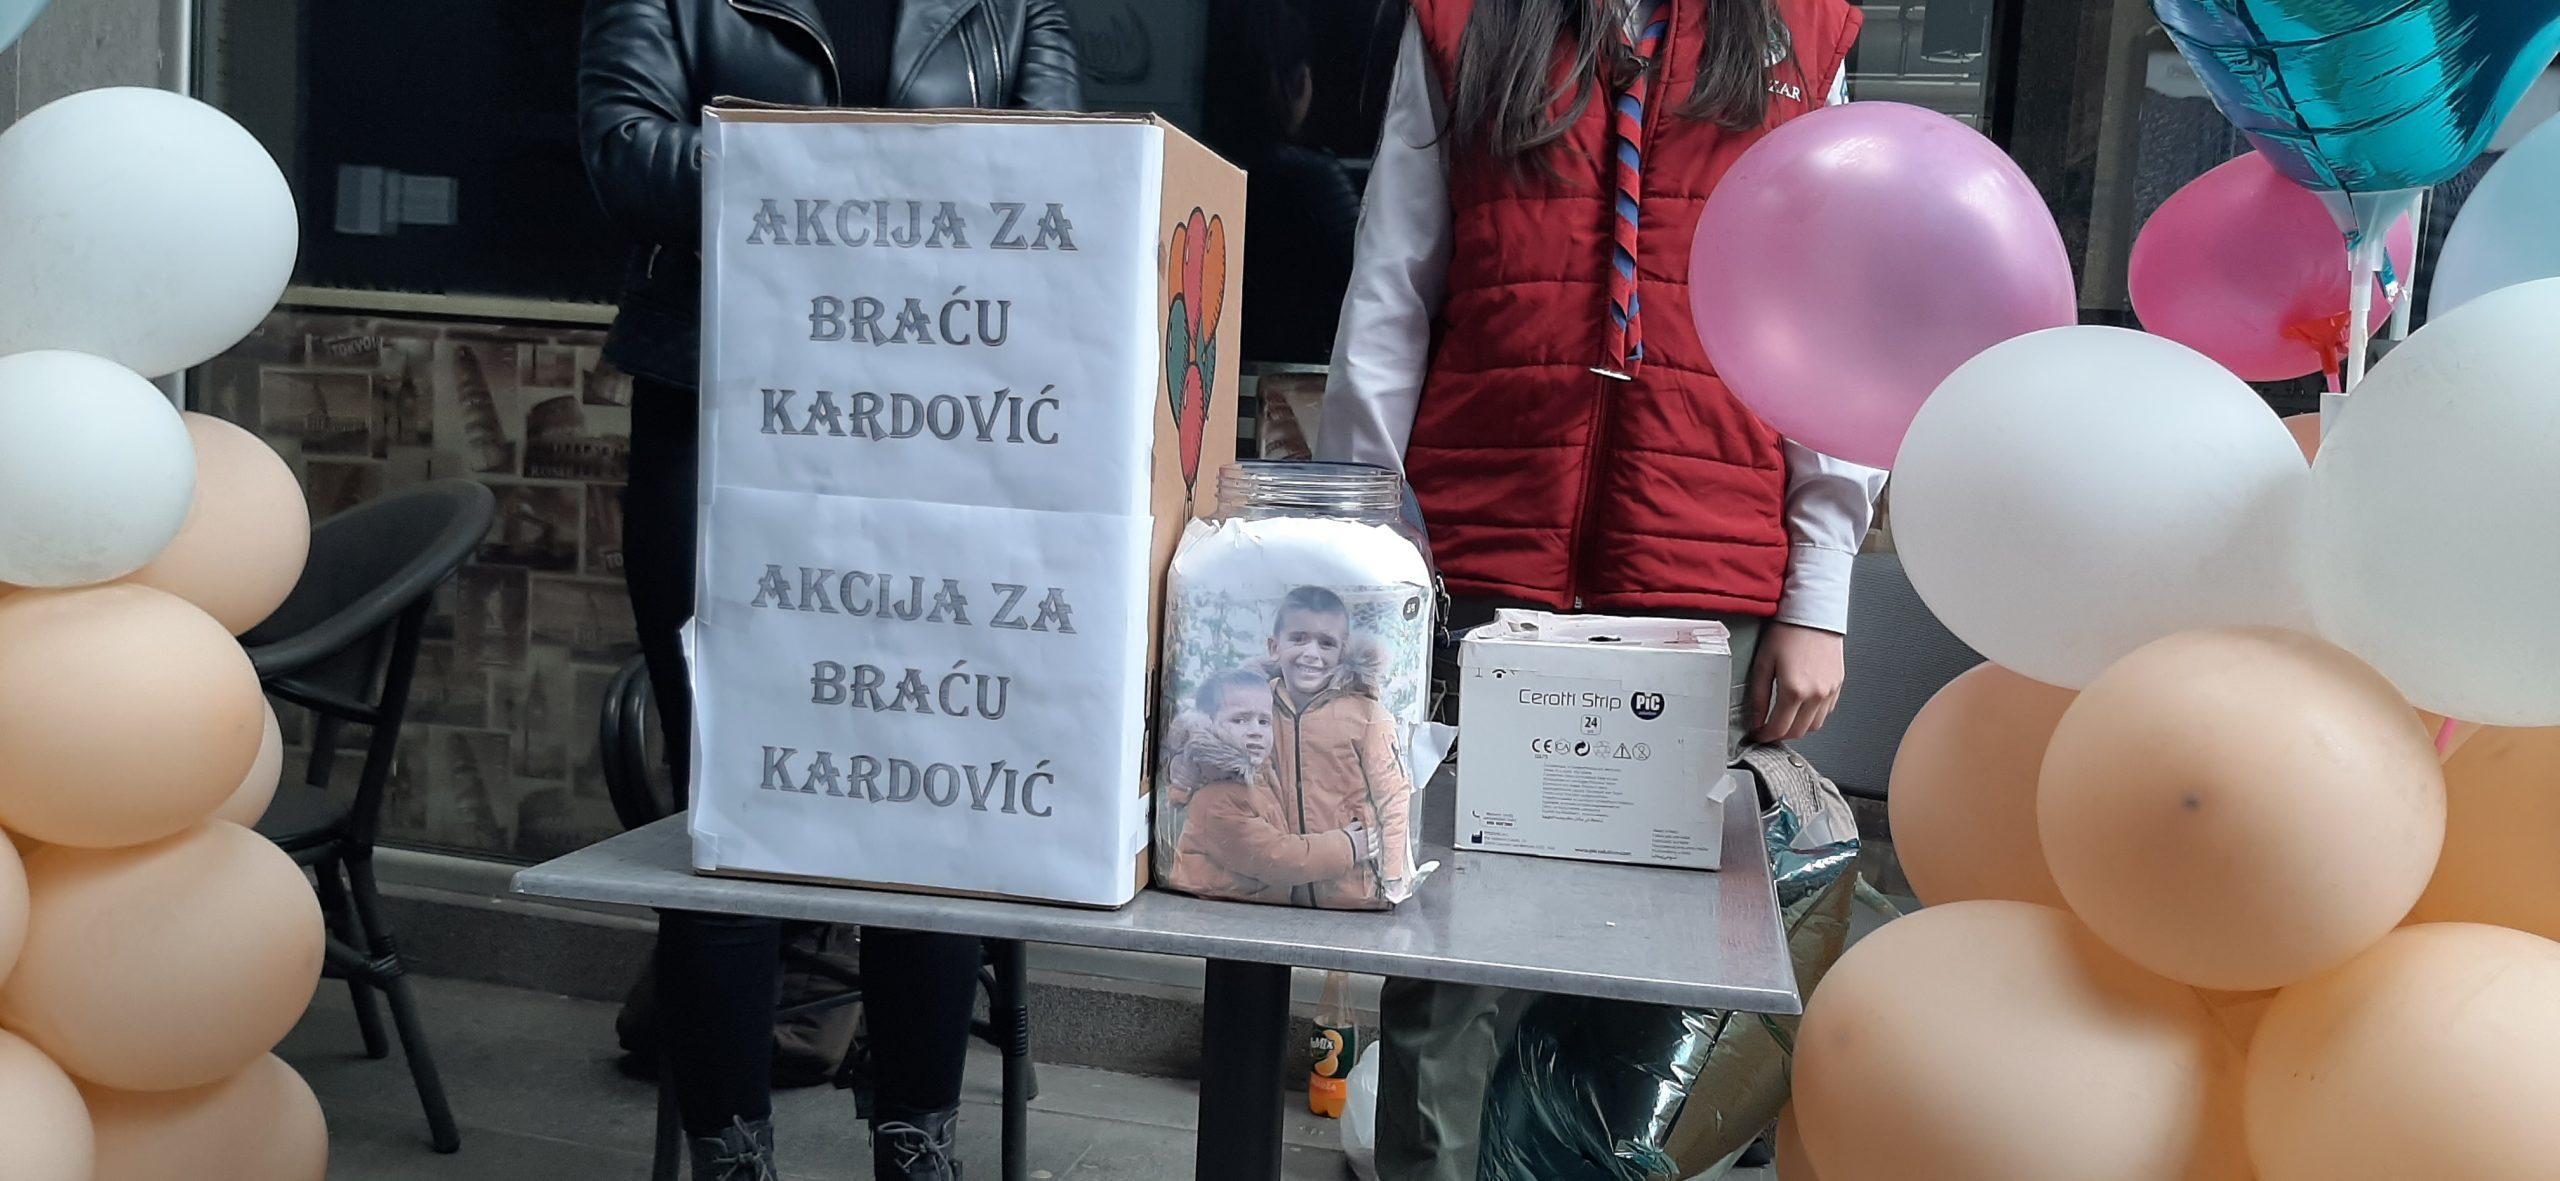 Rožajci prikupljali pomoć za braću Kardović u Novom Pazaru(video)